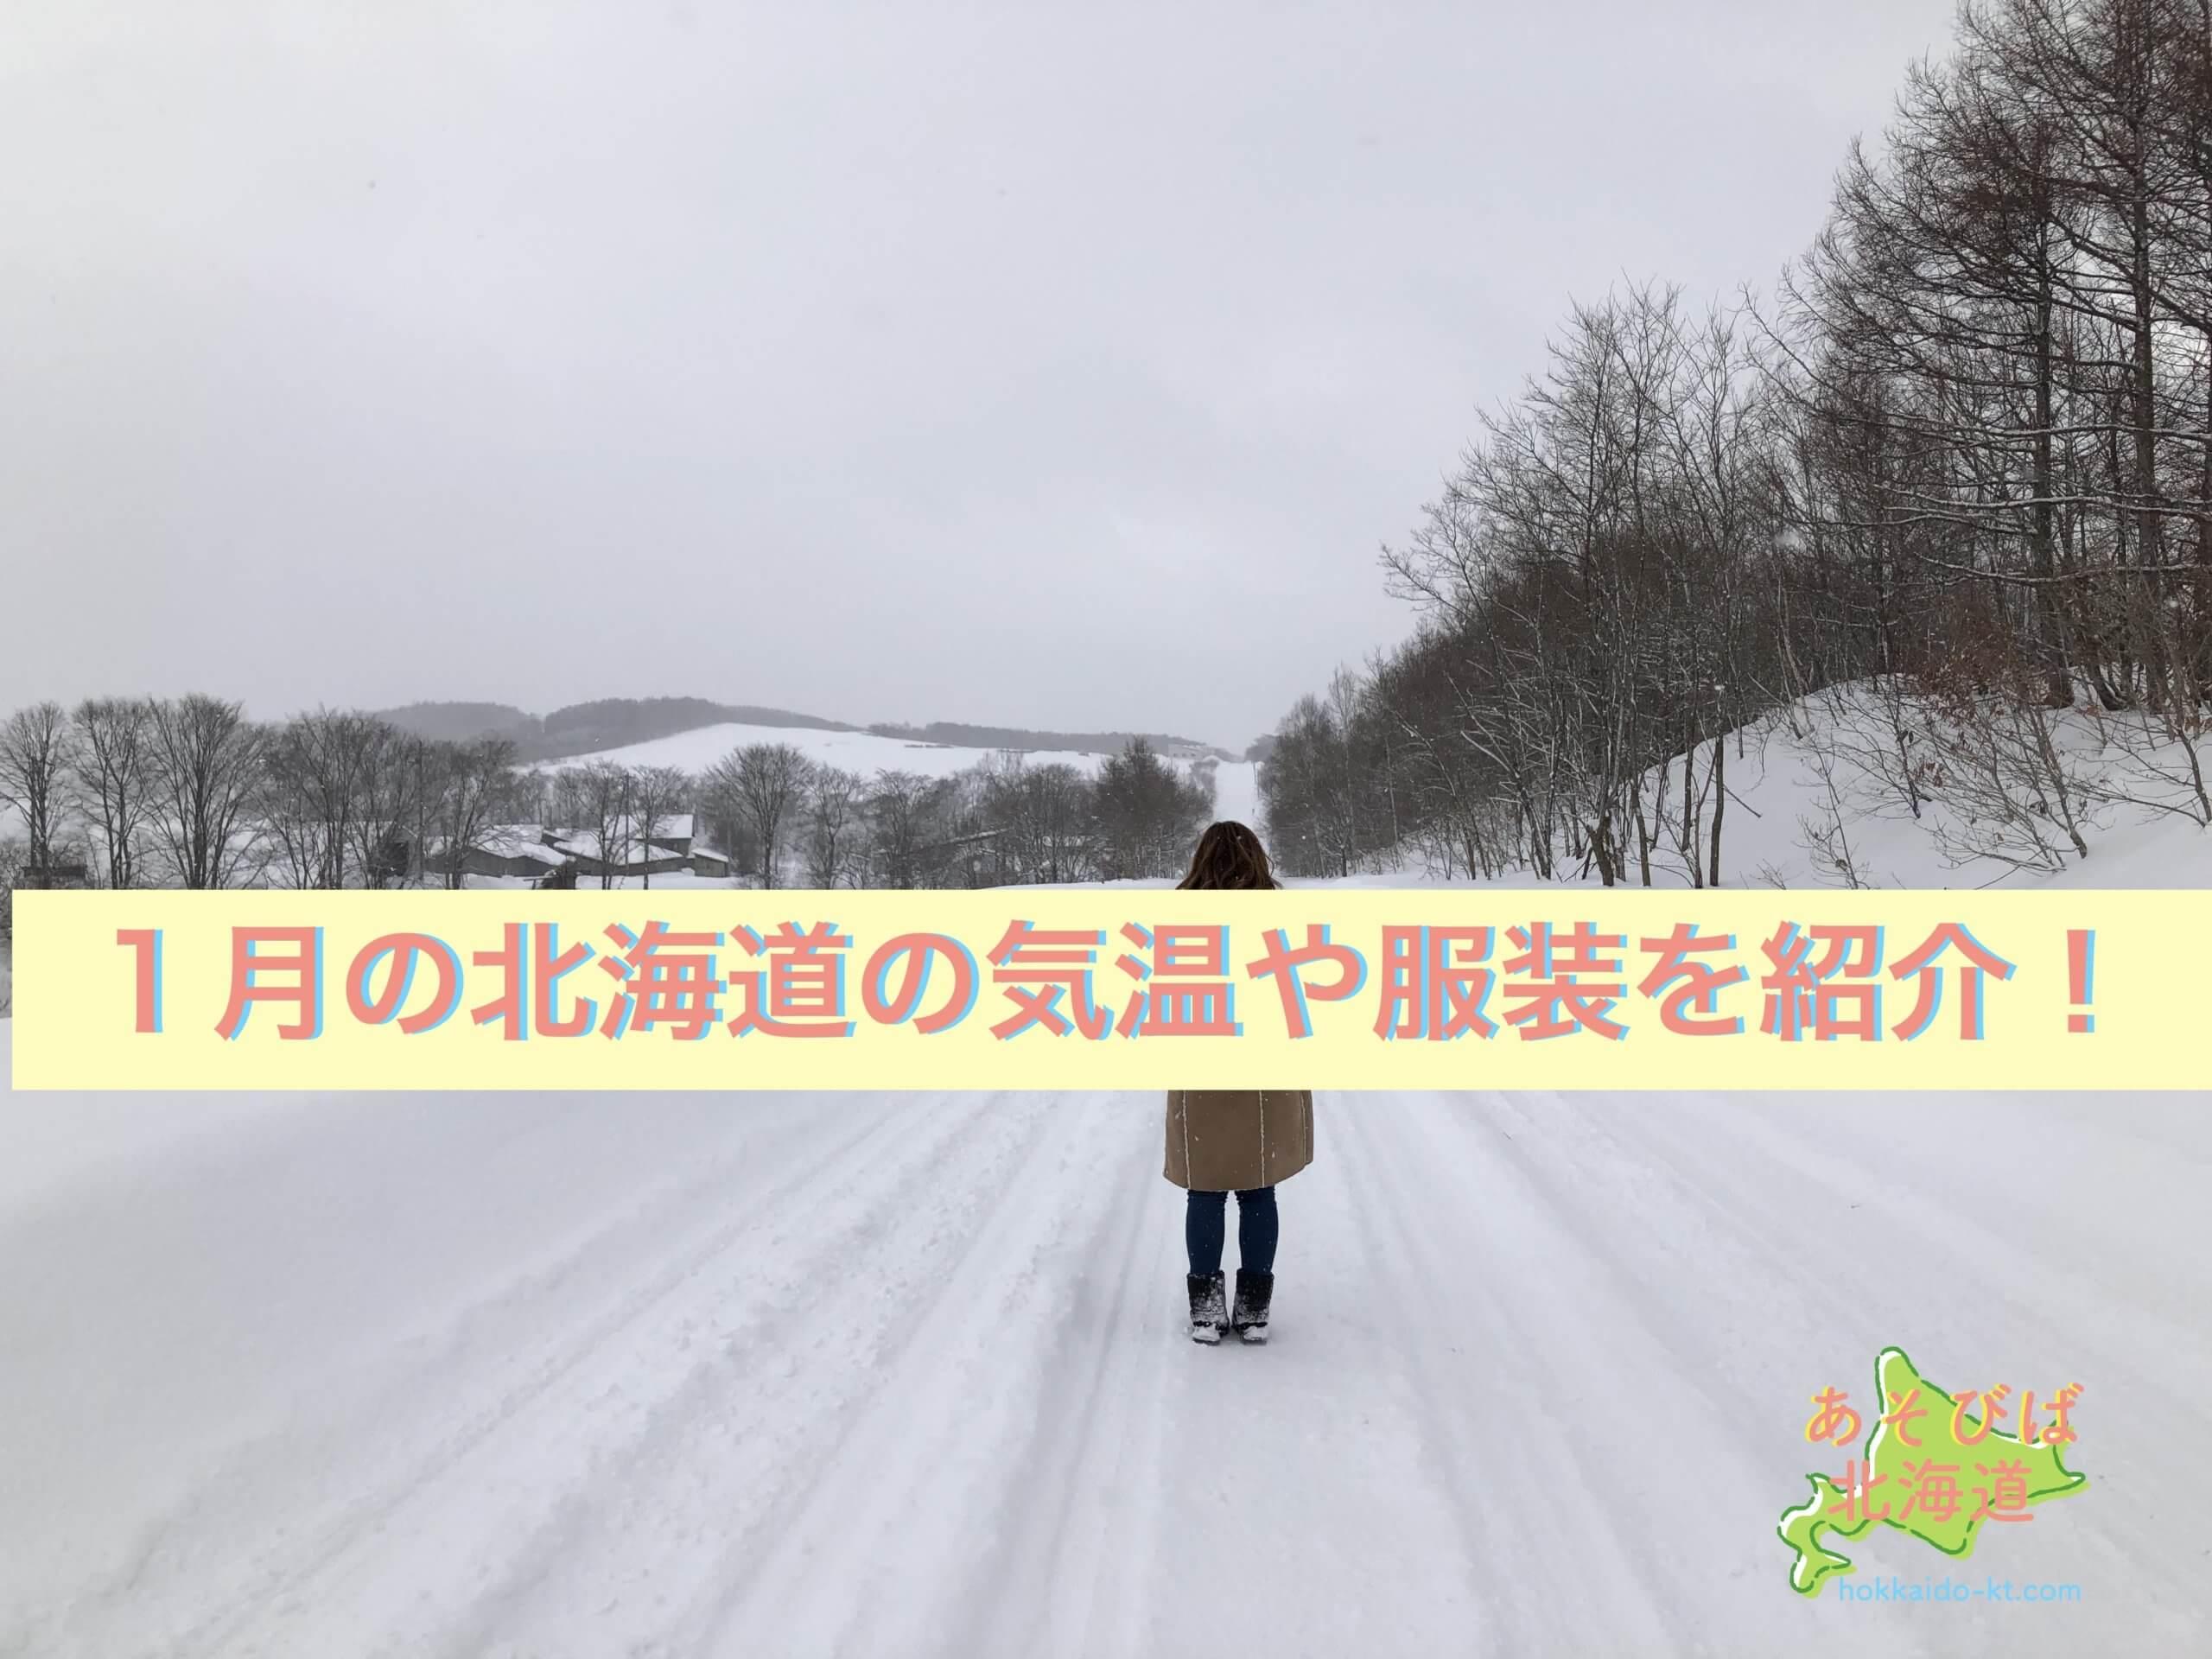 1月の北海道の気温や服装を紹介